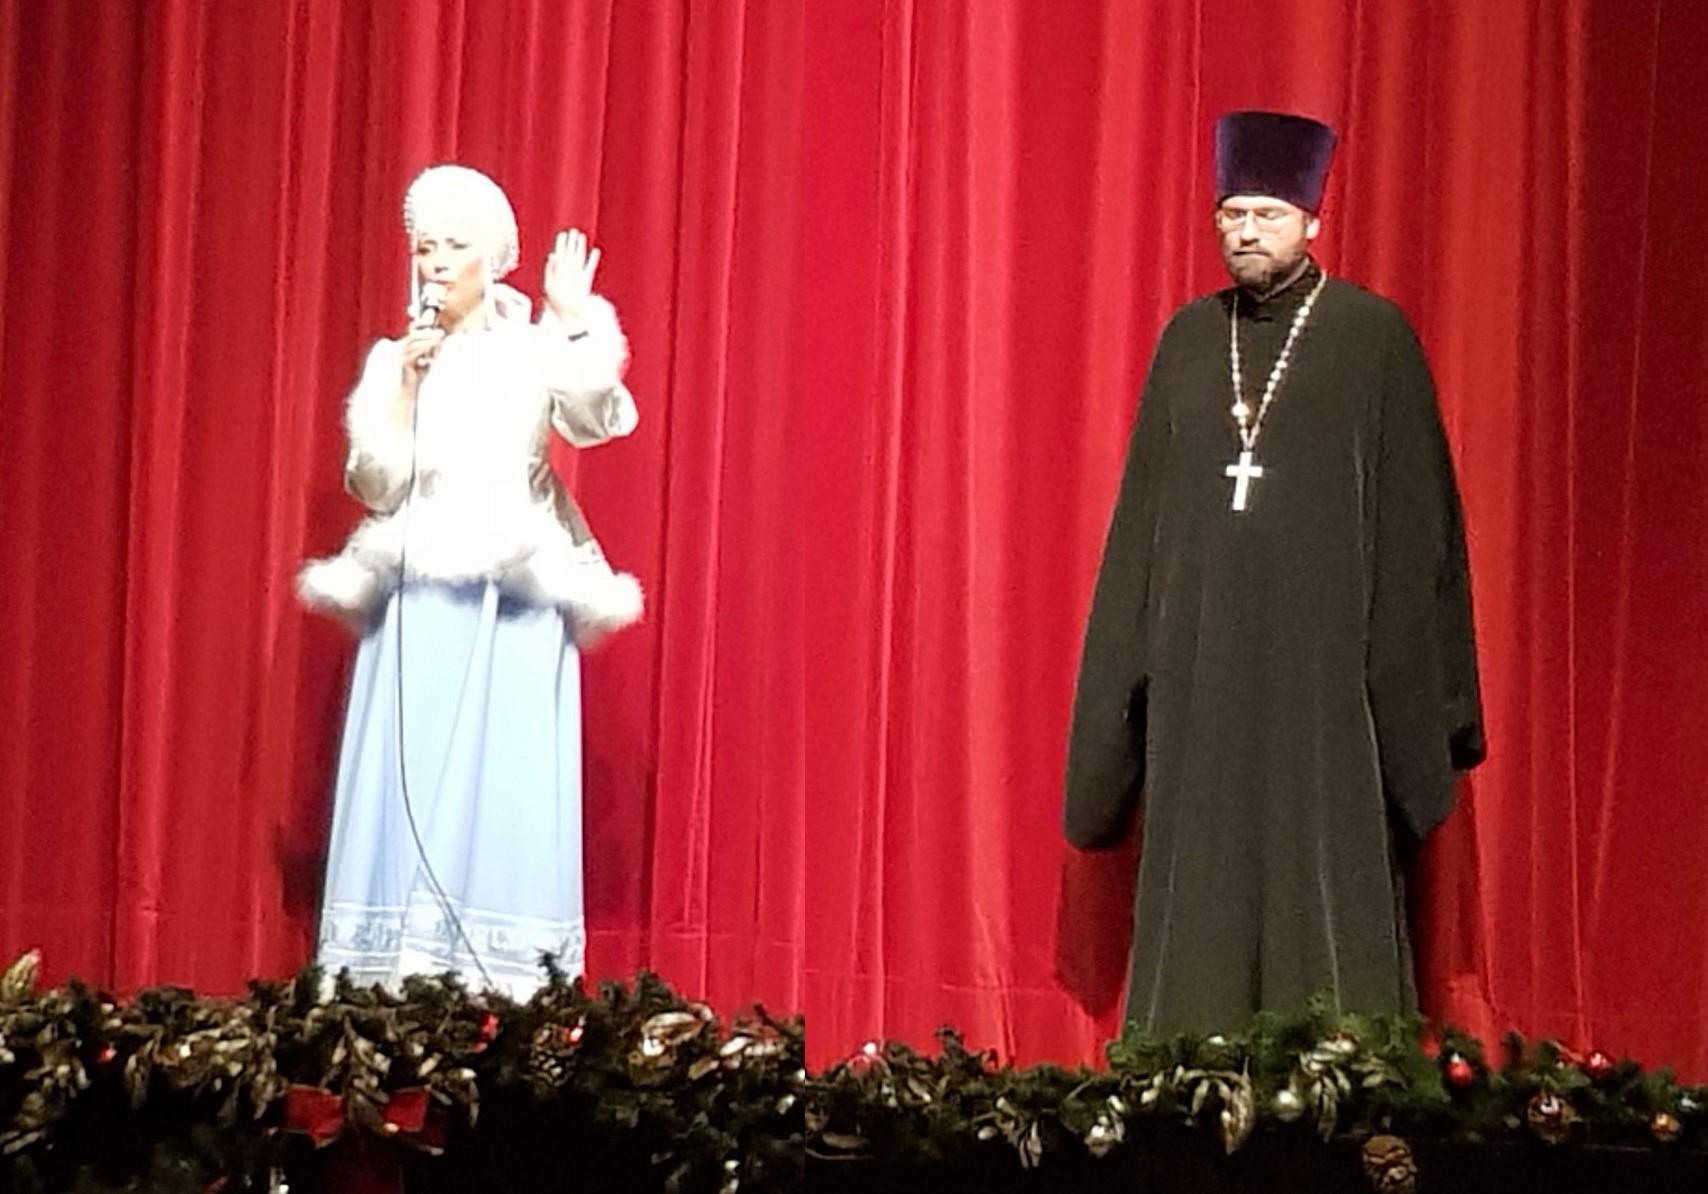 Рождественская Елка 2019 в Цюрихе